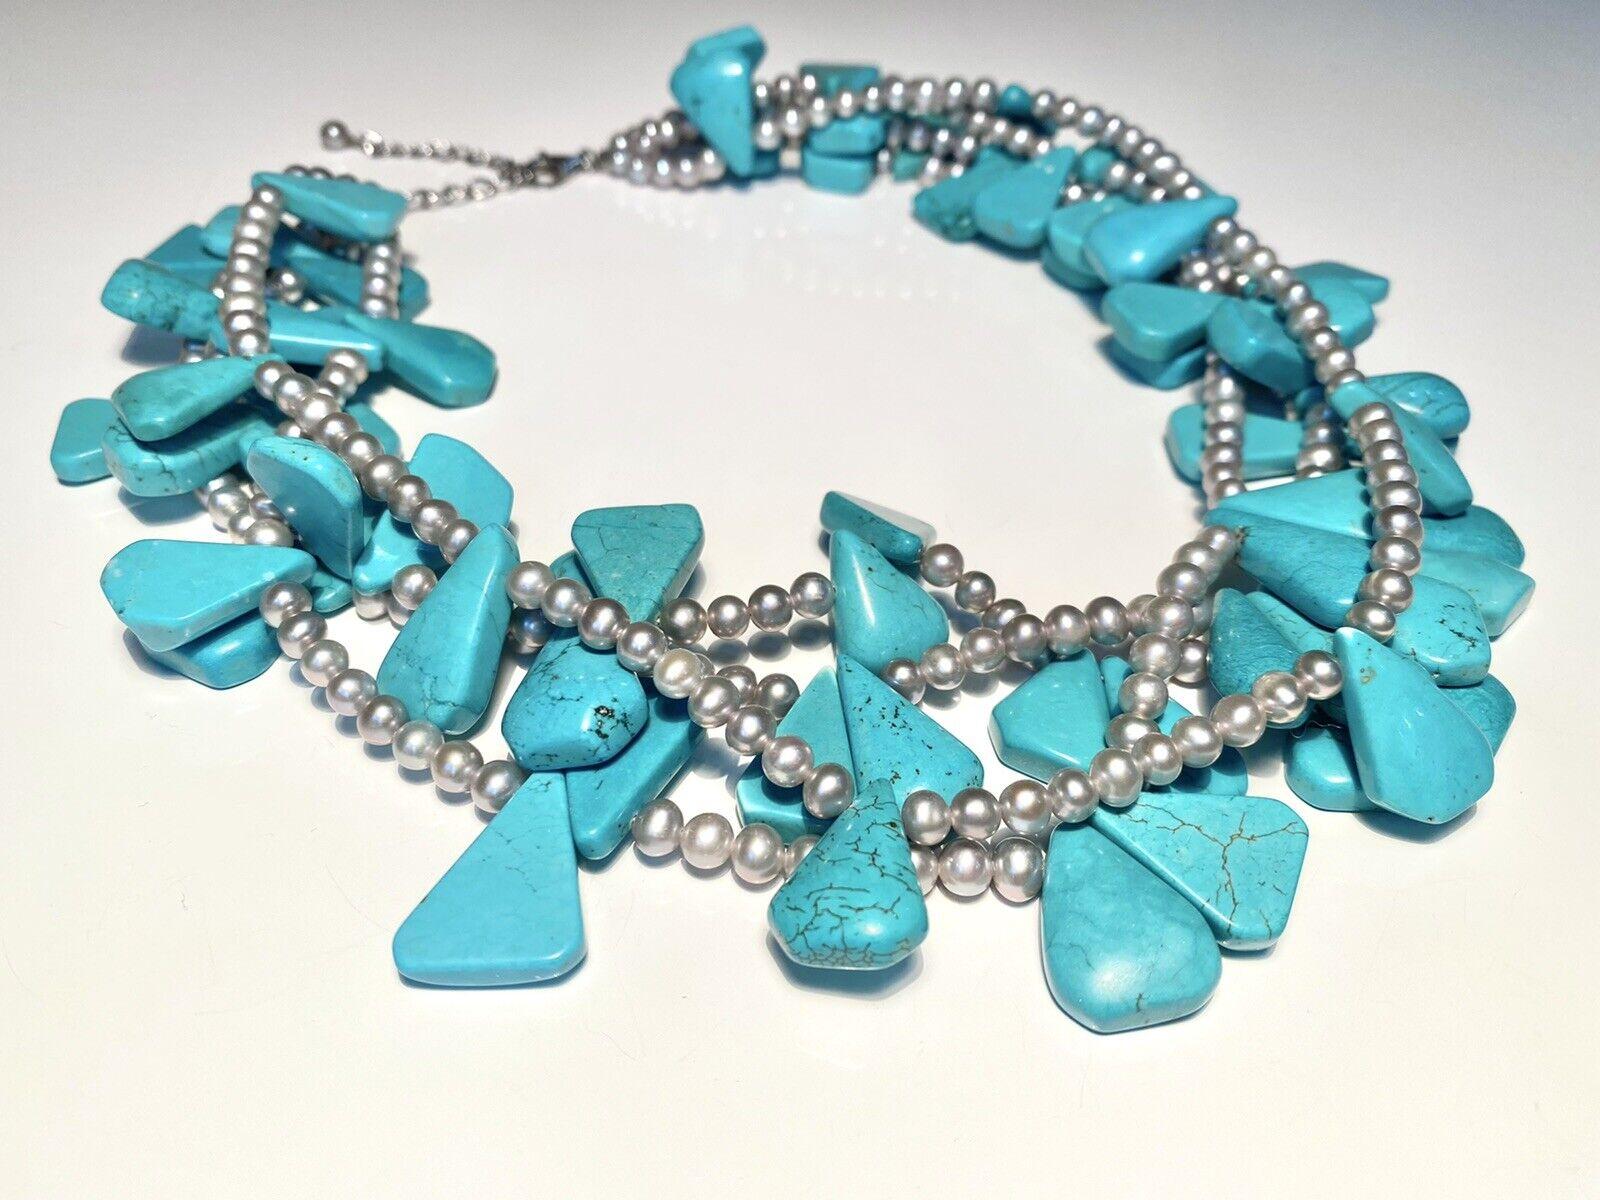 Diana Venezia Turquoise Necklace - image 5